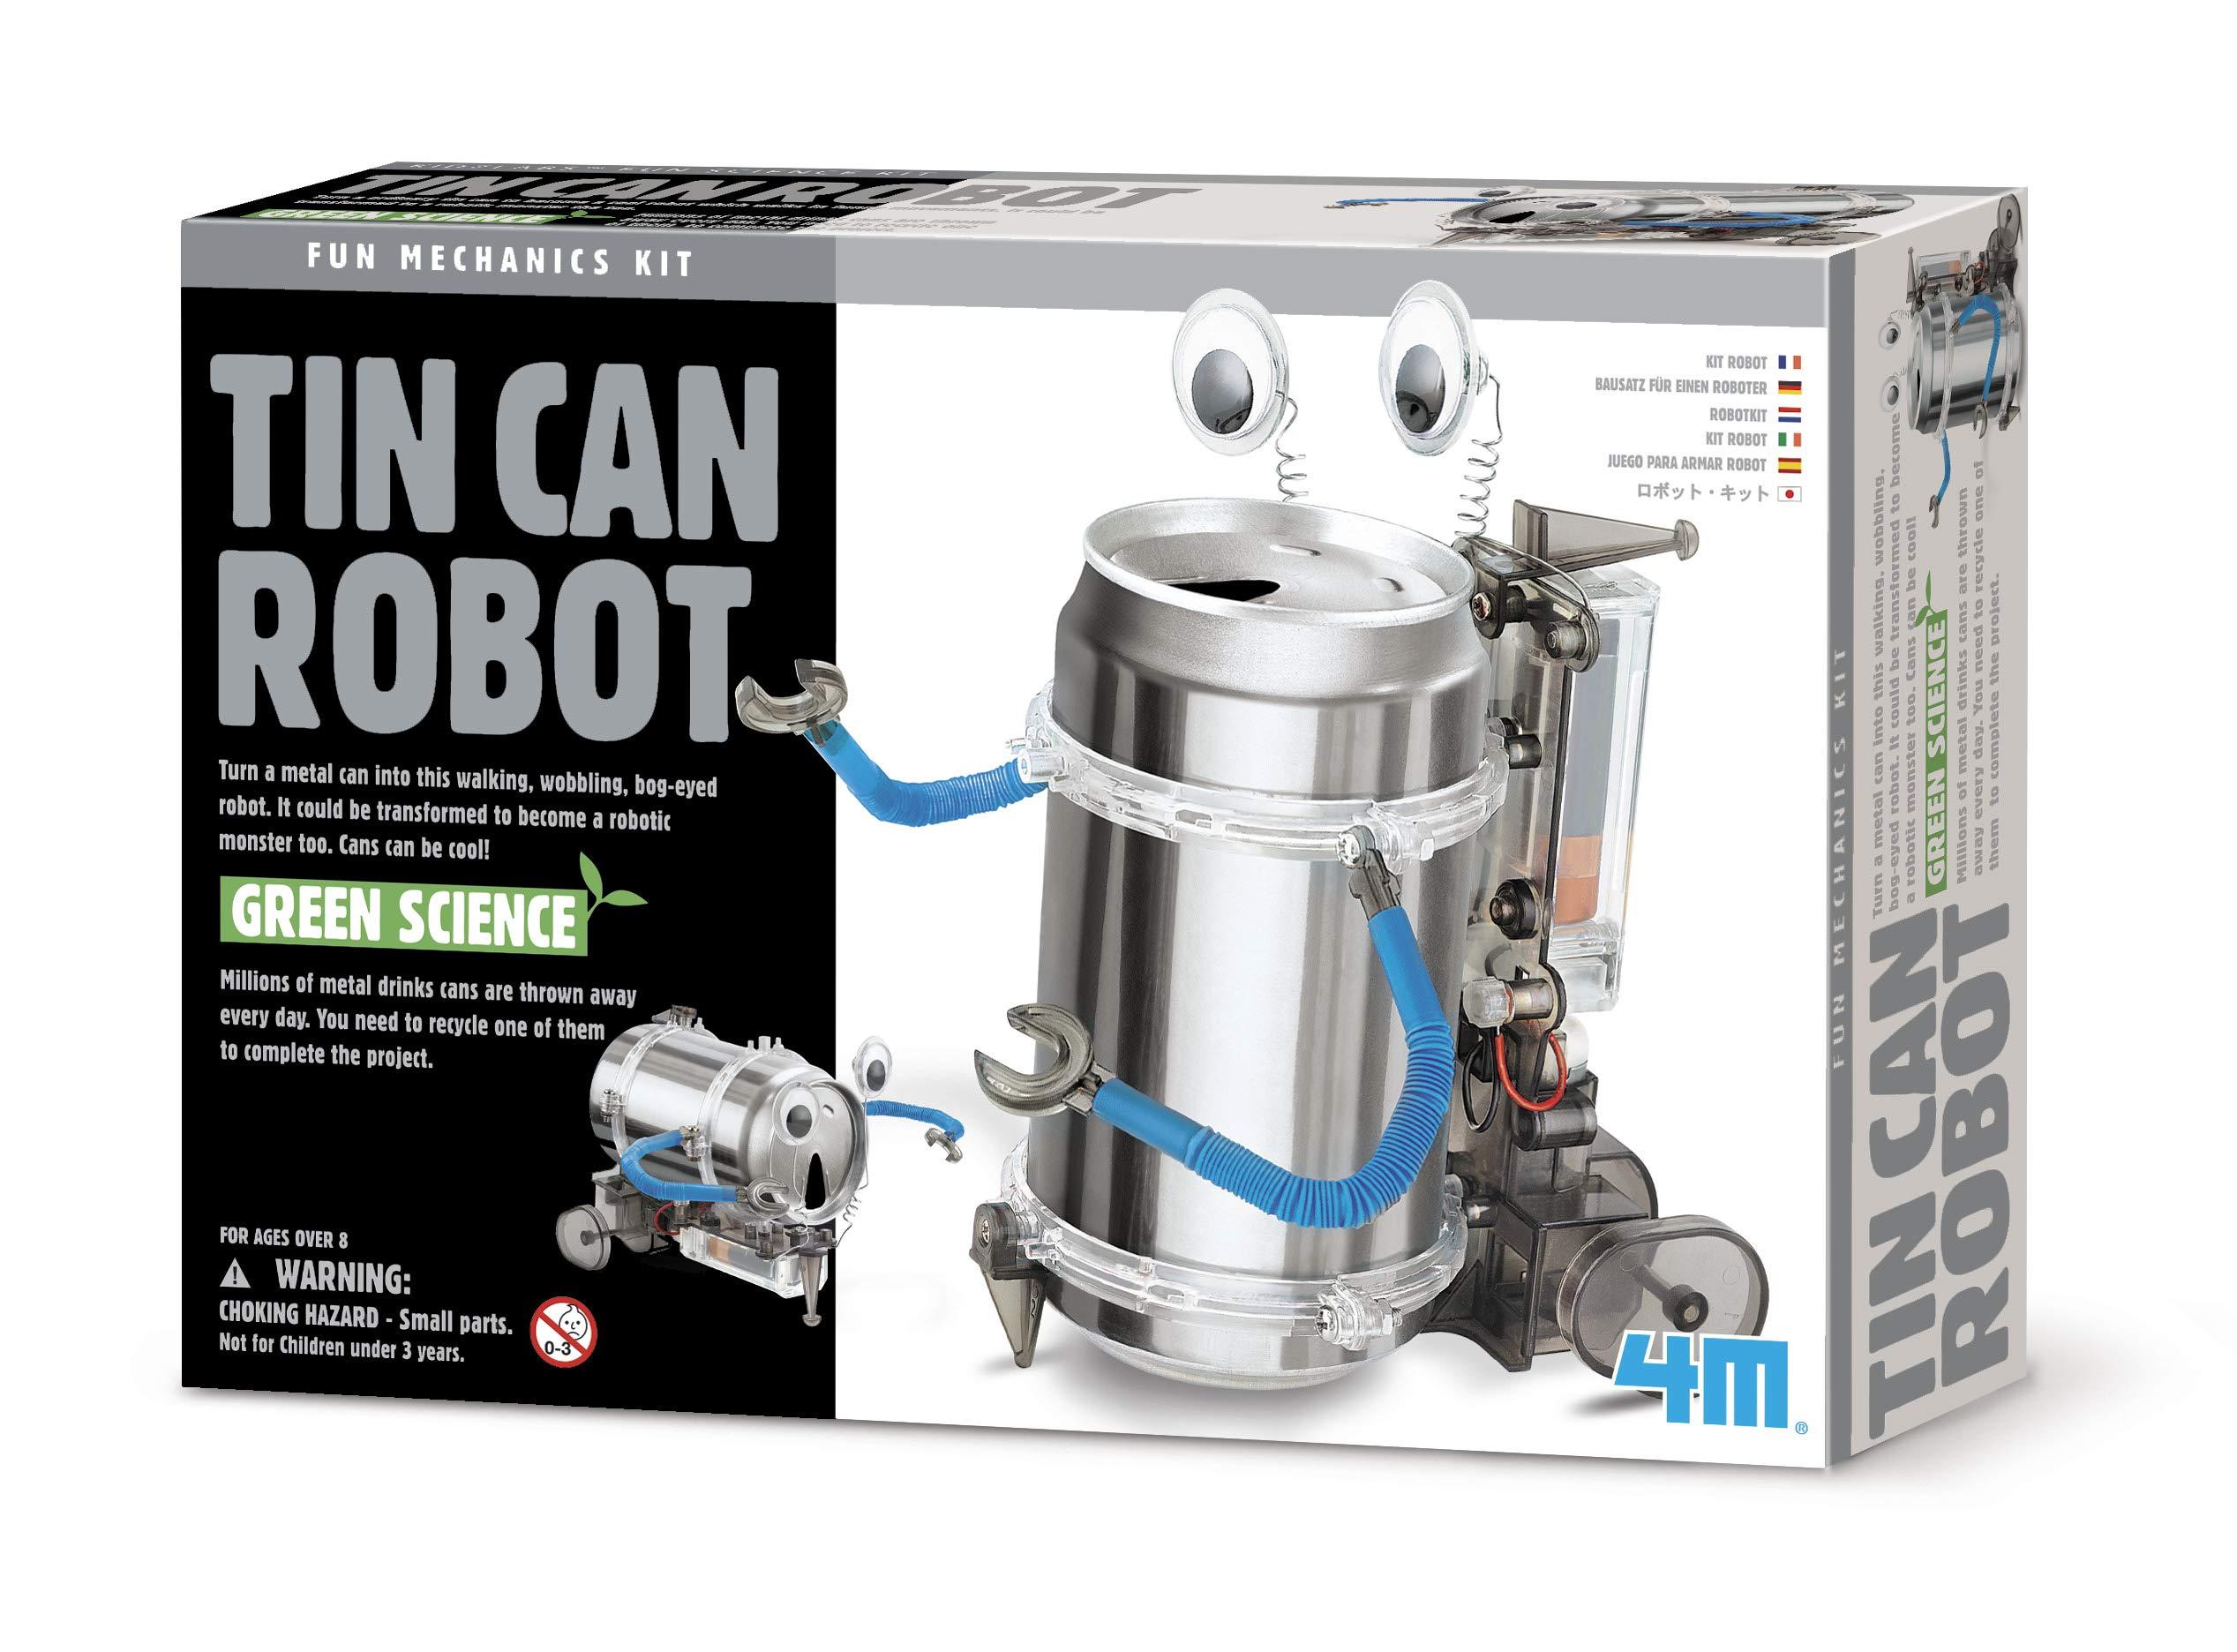 4M 机械工程系列 STEM科学益智玩具 易拉罐机器人